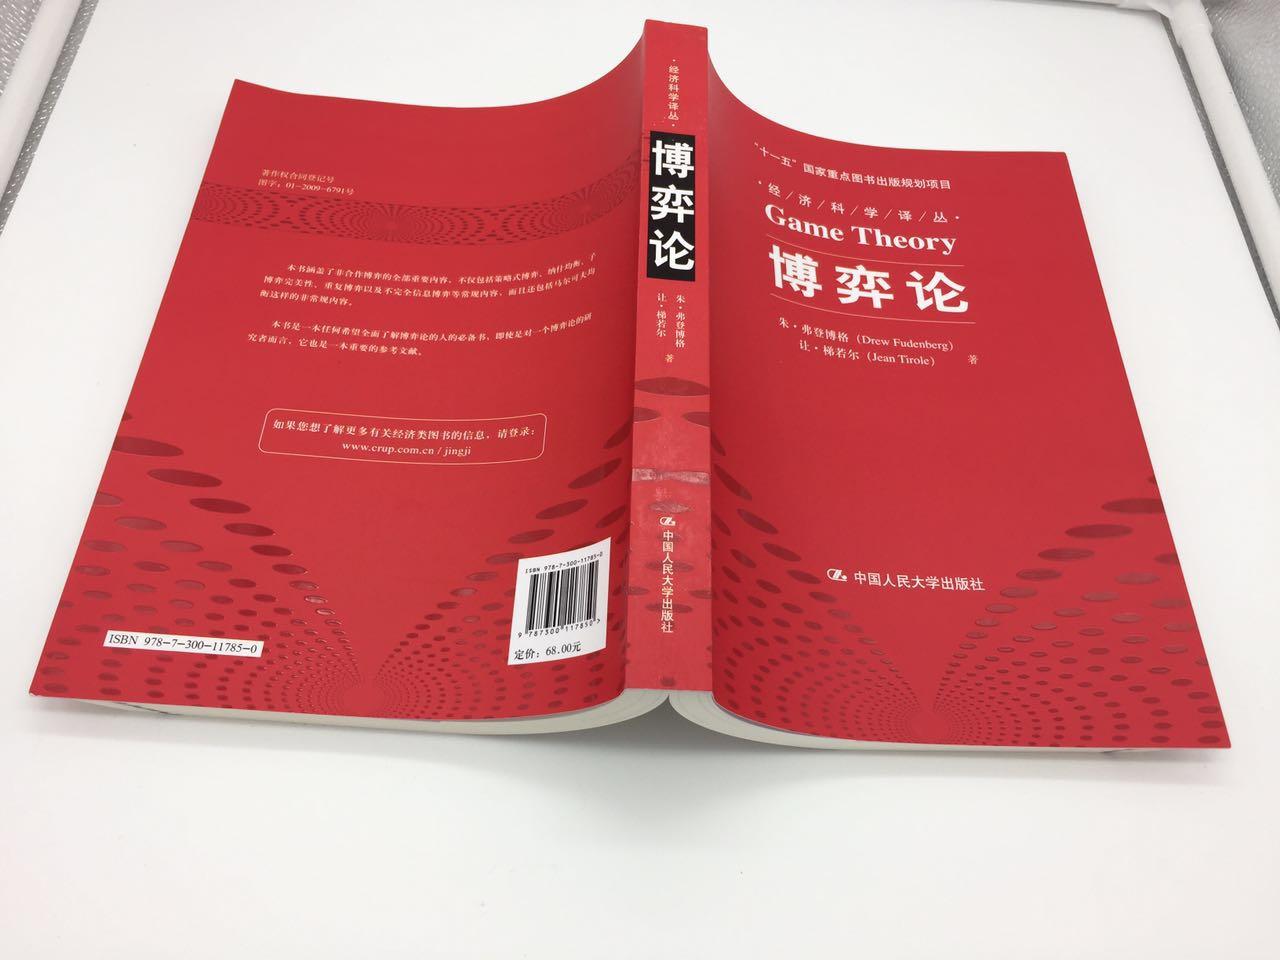 Подлинная Теория игр в китайской версии игры теория Тироля Вердон Борг Жэньминь университета Китая пресс, лауреат теории Тироля игры в области учебно-методическими материалами